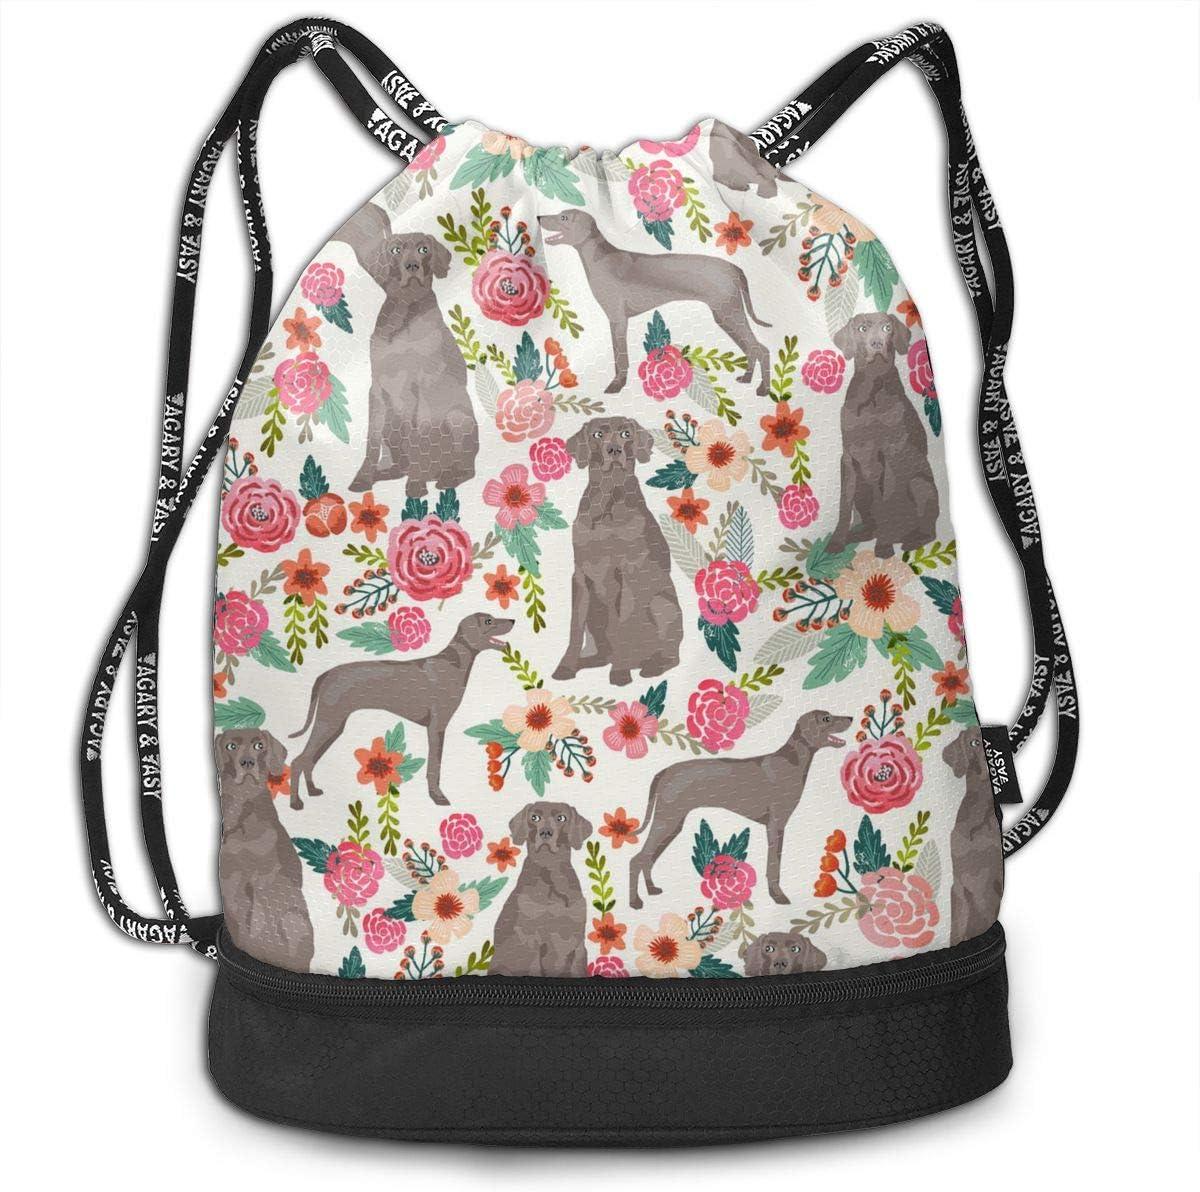 HUOPR5Q Dog Drawstring Backpack Sport Gym Sack Shoulder Bulk Bag Dance Bag for School Travel